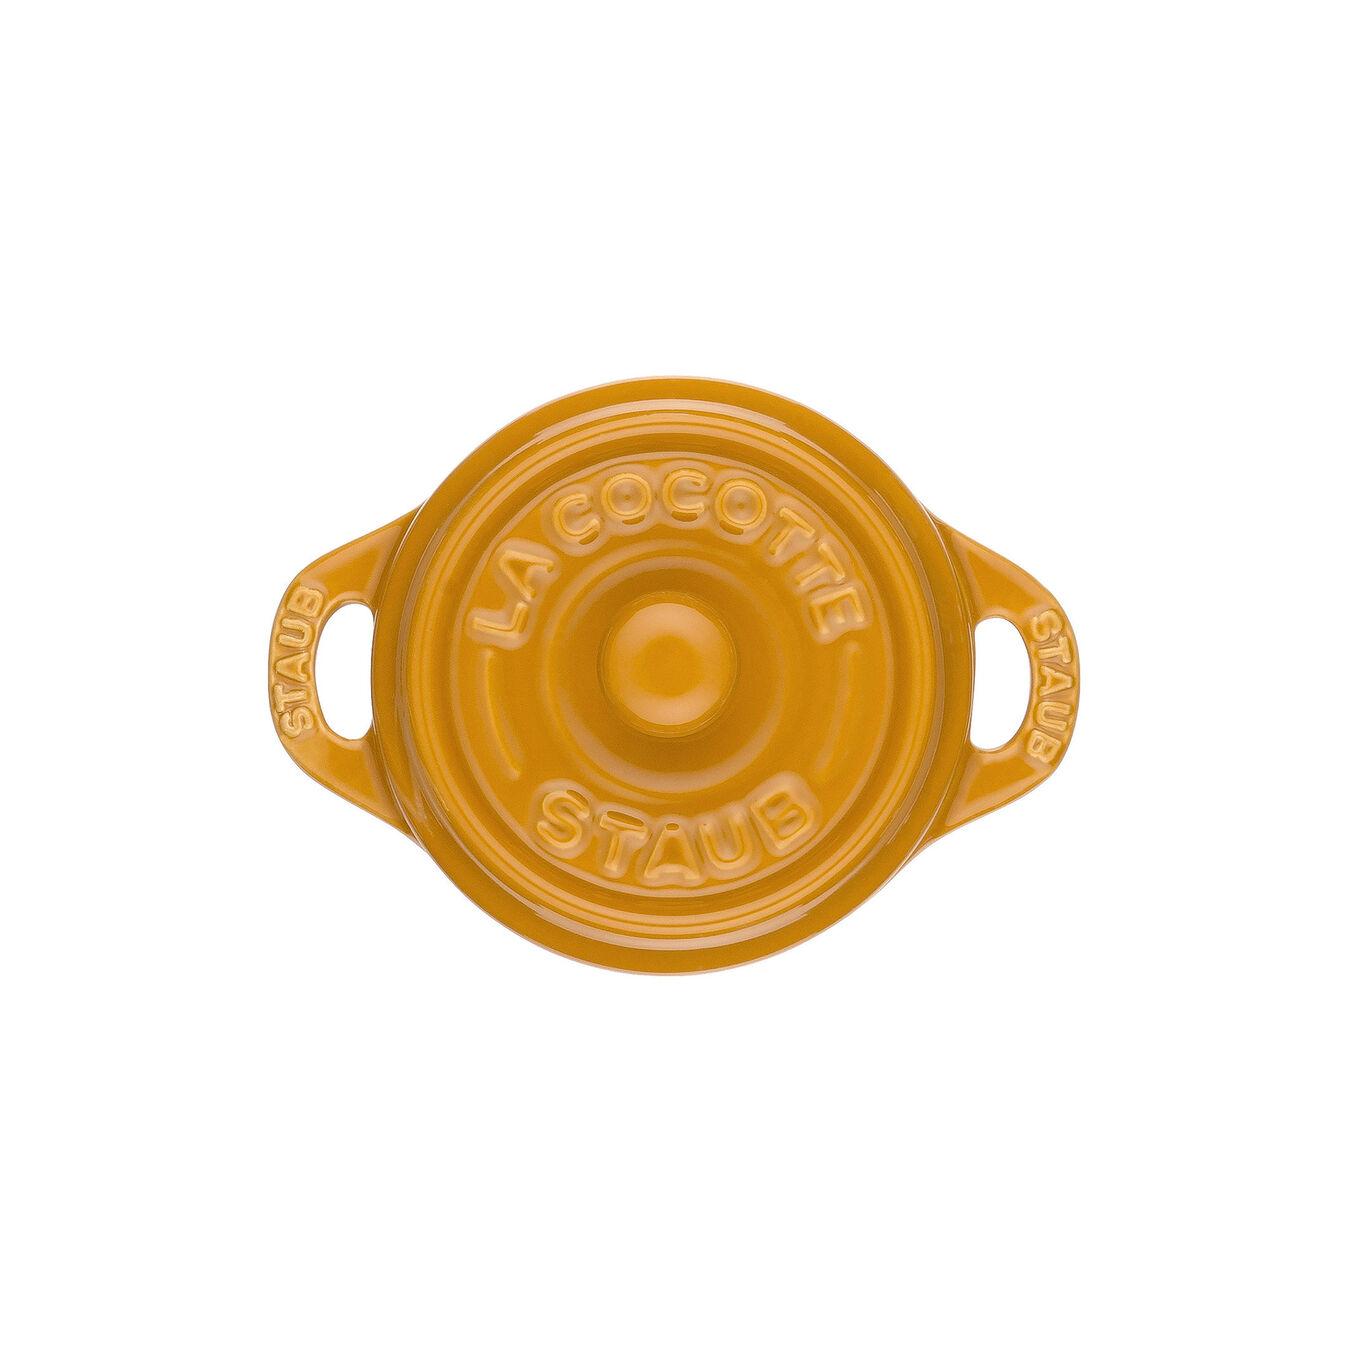 Mini Cocotte 10 cm, Rond(e), Moutarde, Céramique,,large 3